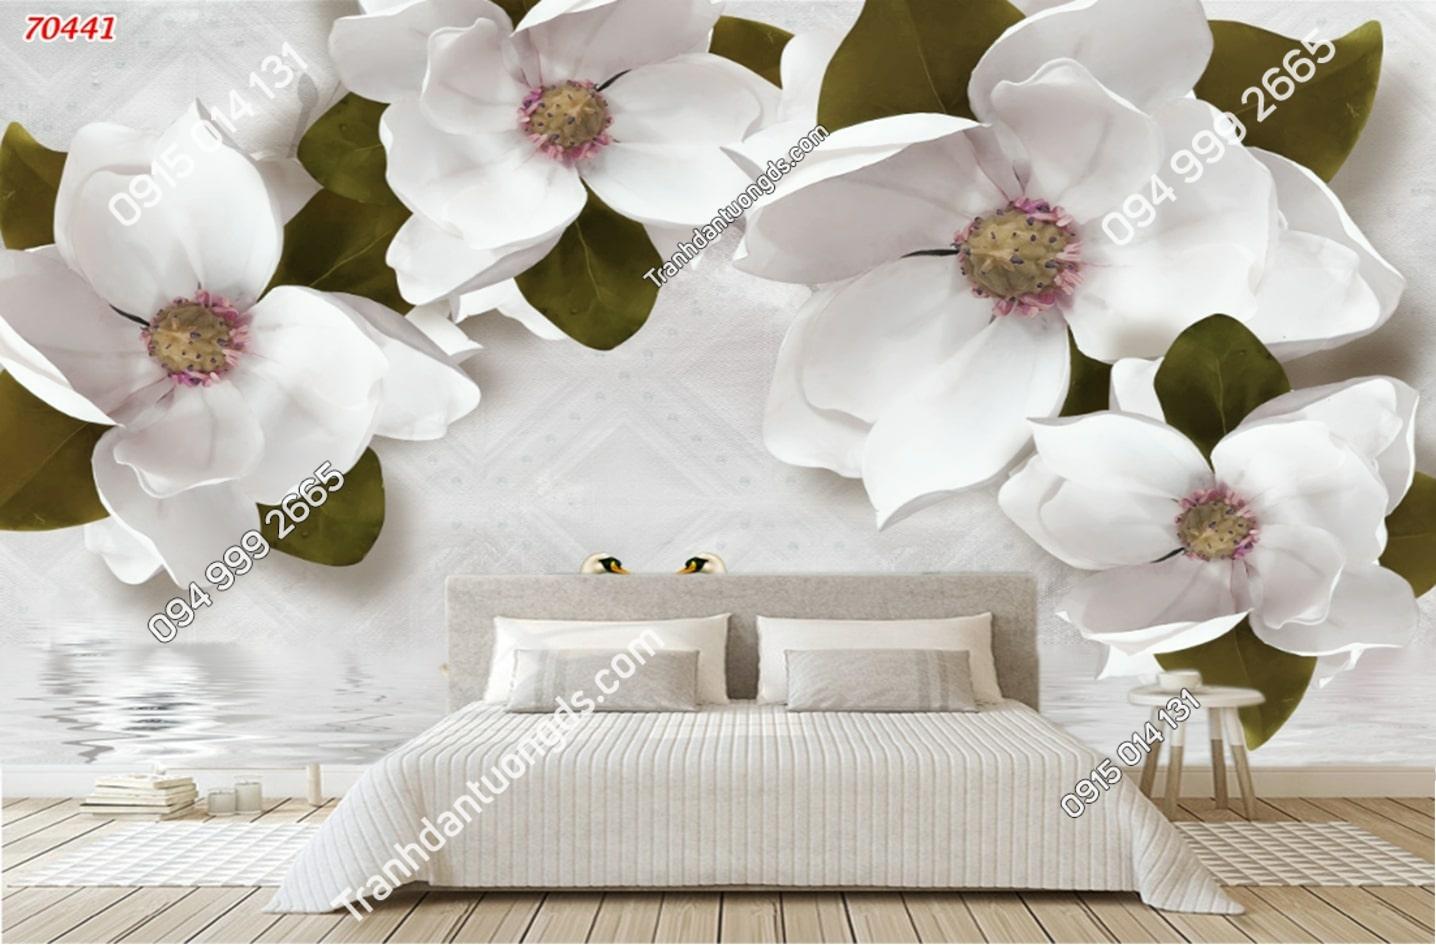 Tranh tường hoa trắng lá xanh đẹp 70441